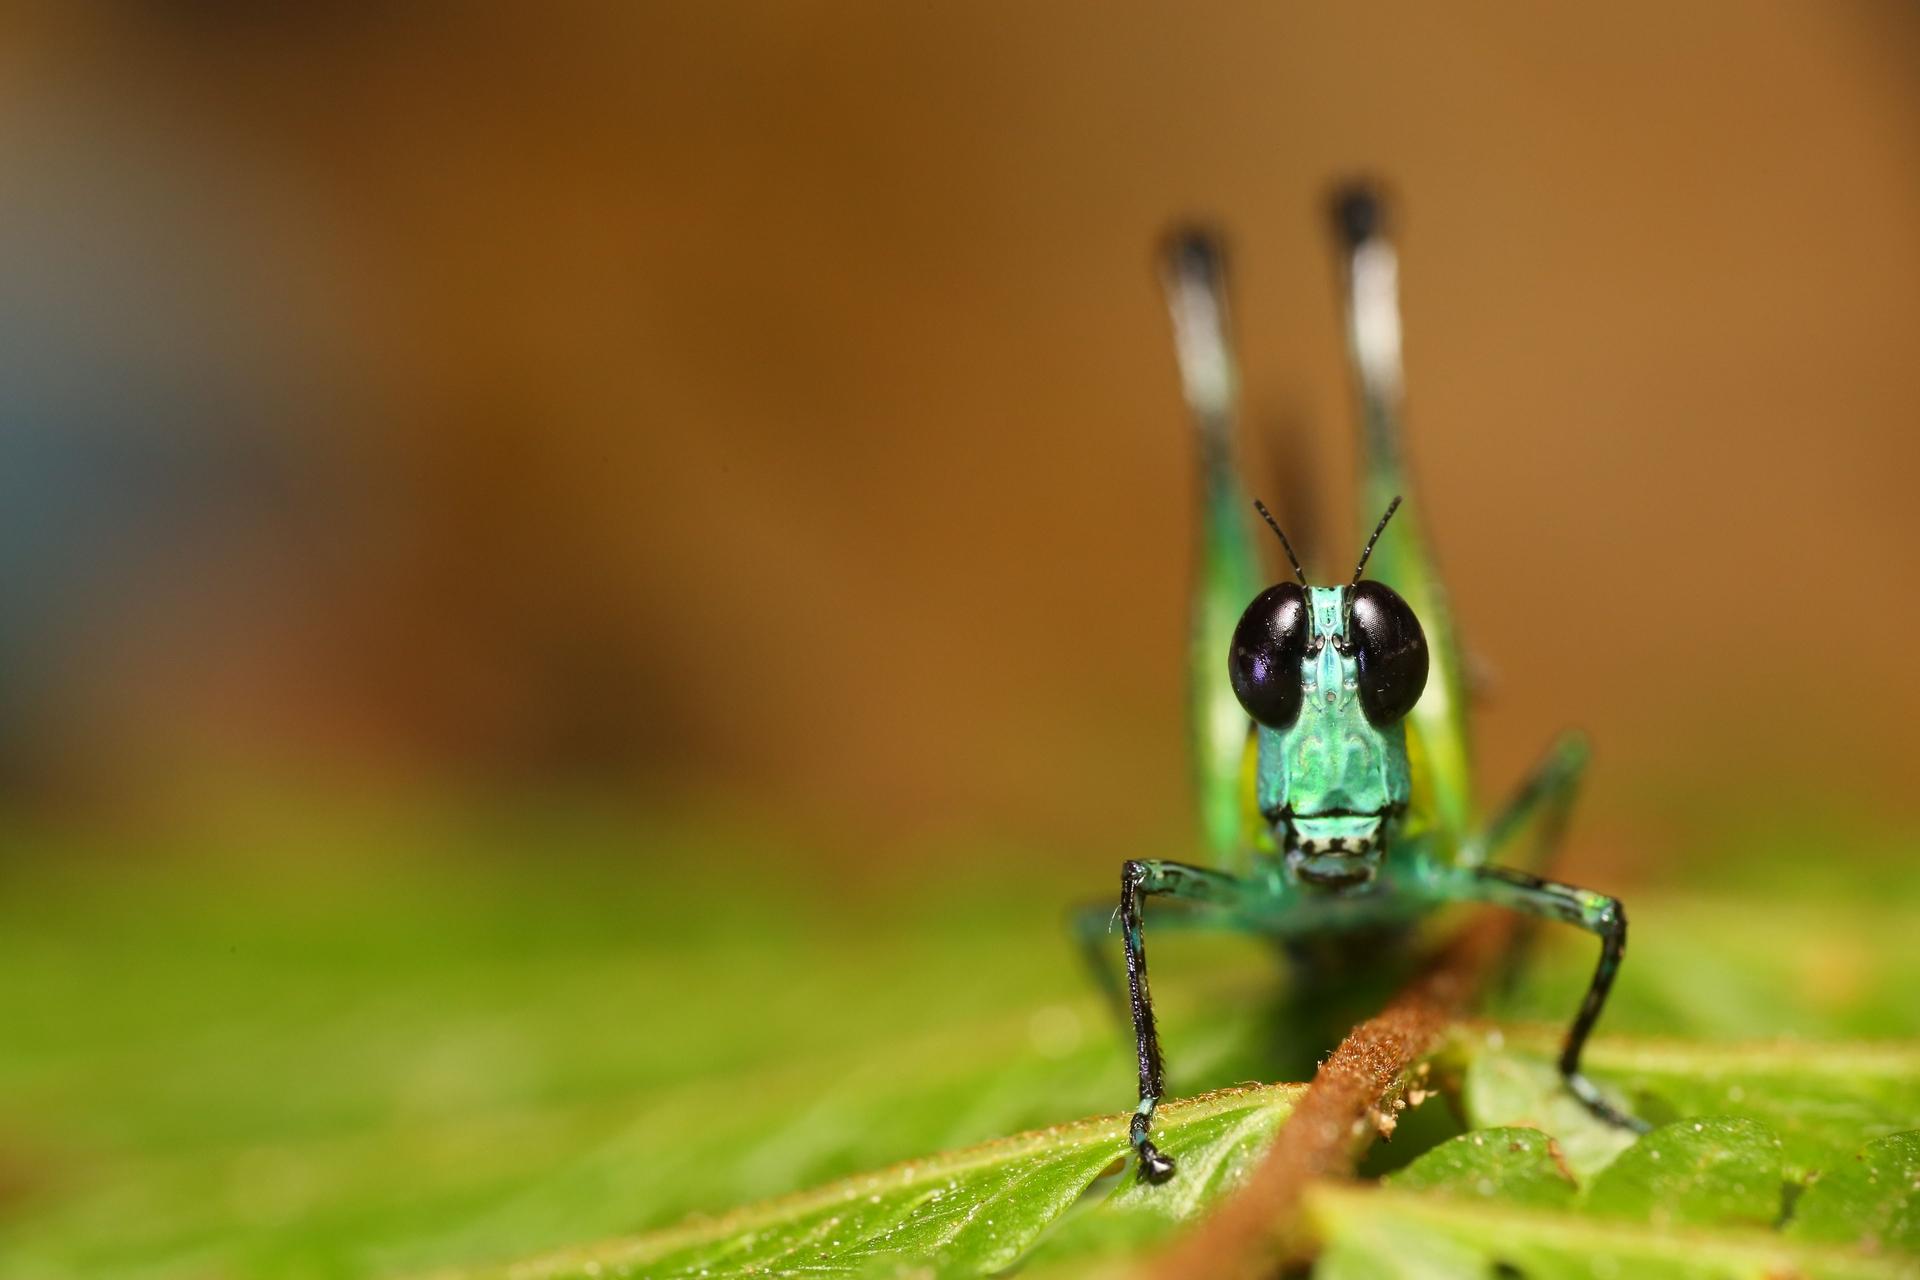 雨林中願意面對面談心的昆蟲。(馬來西亞雨林 突眼蝗蟲),攝影|黃仕傑